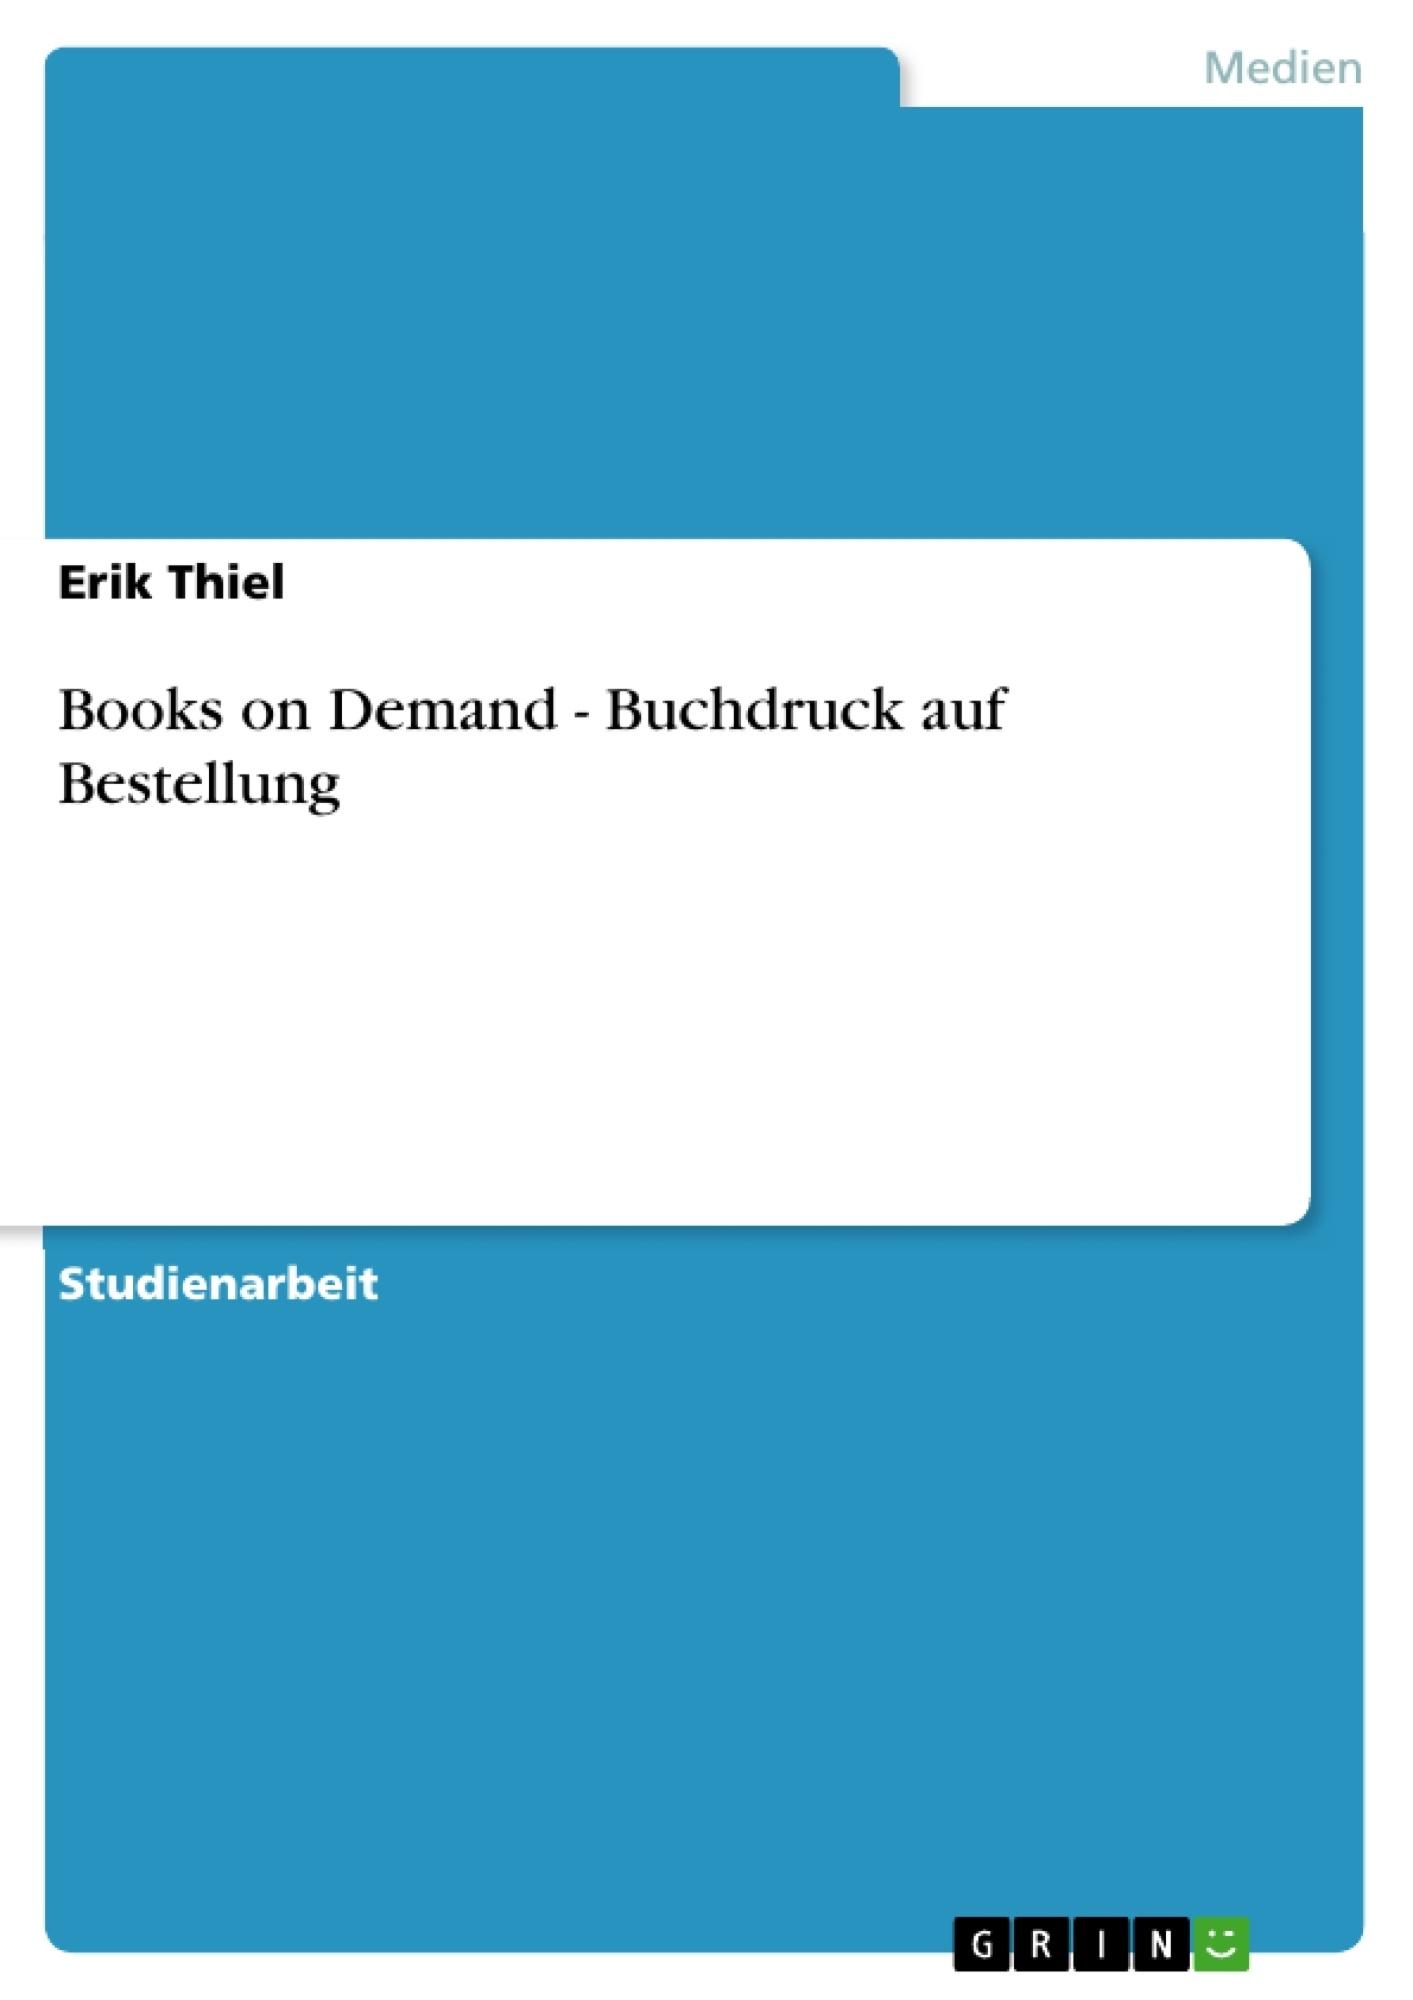 Titel: Books on Demand  - Buchdruck auf Bestellung